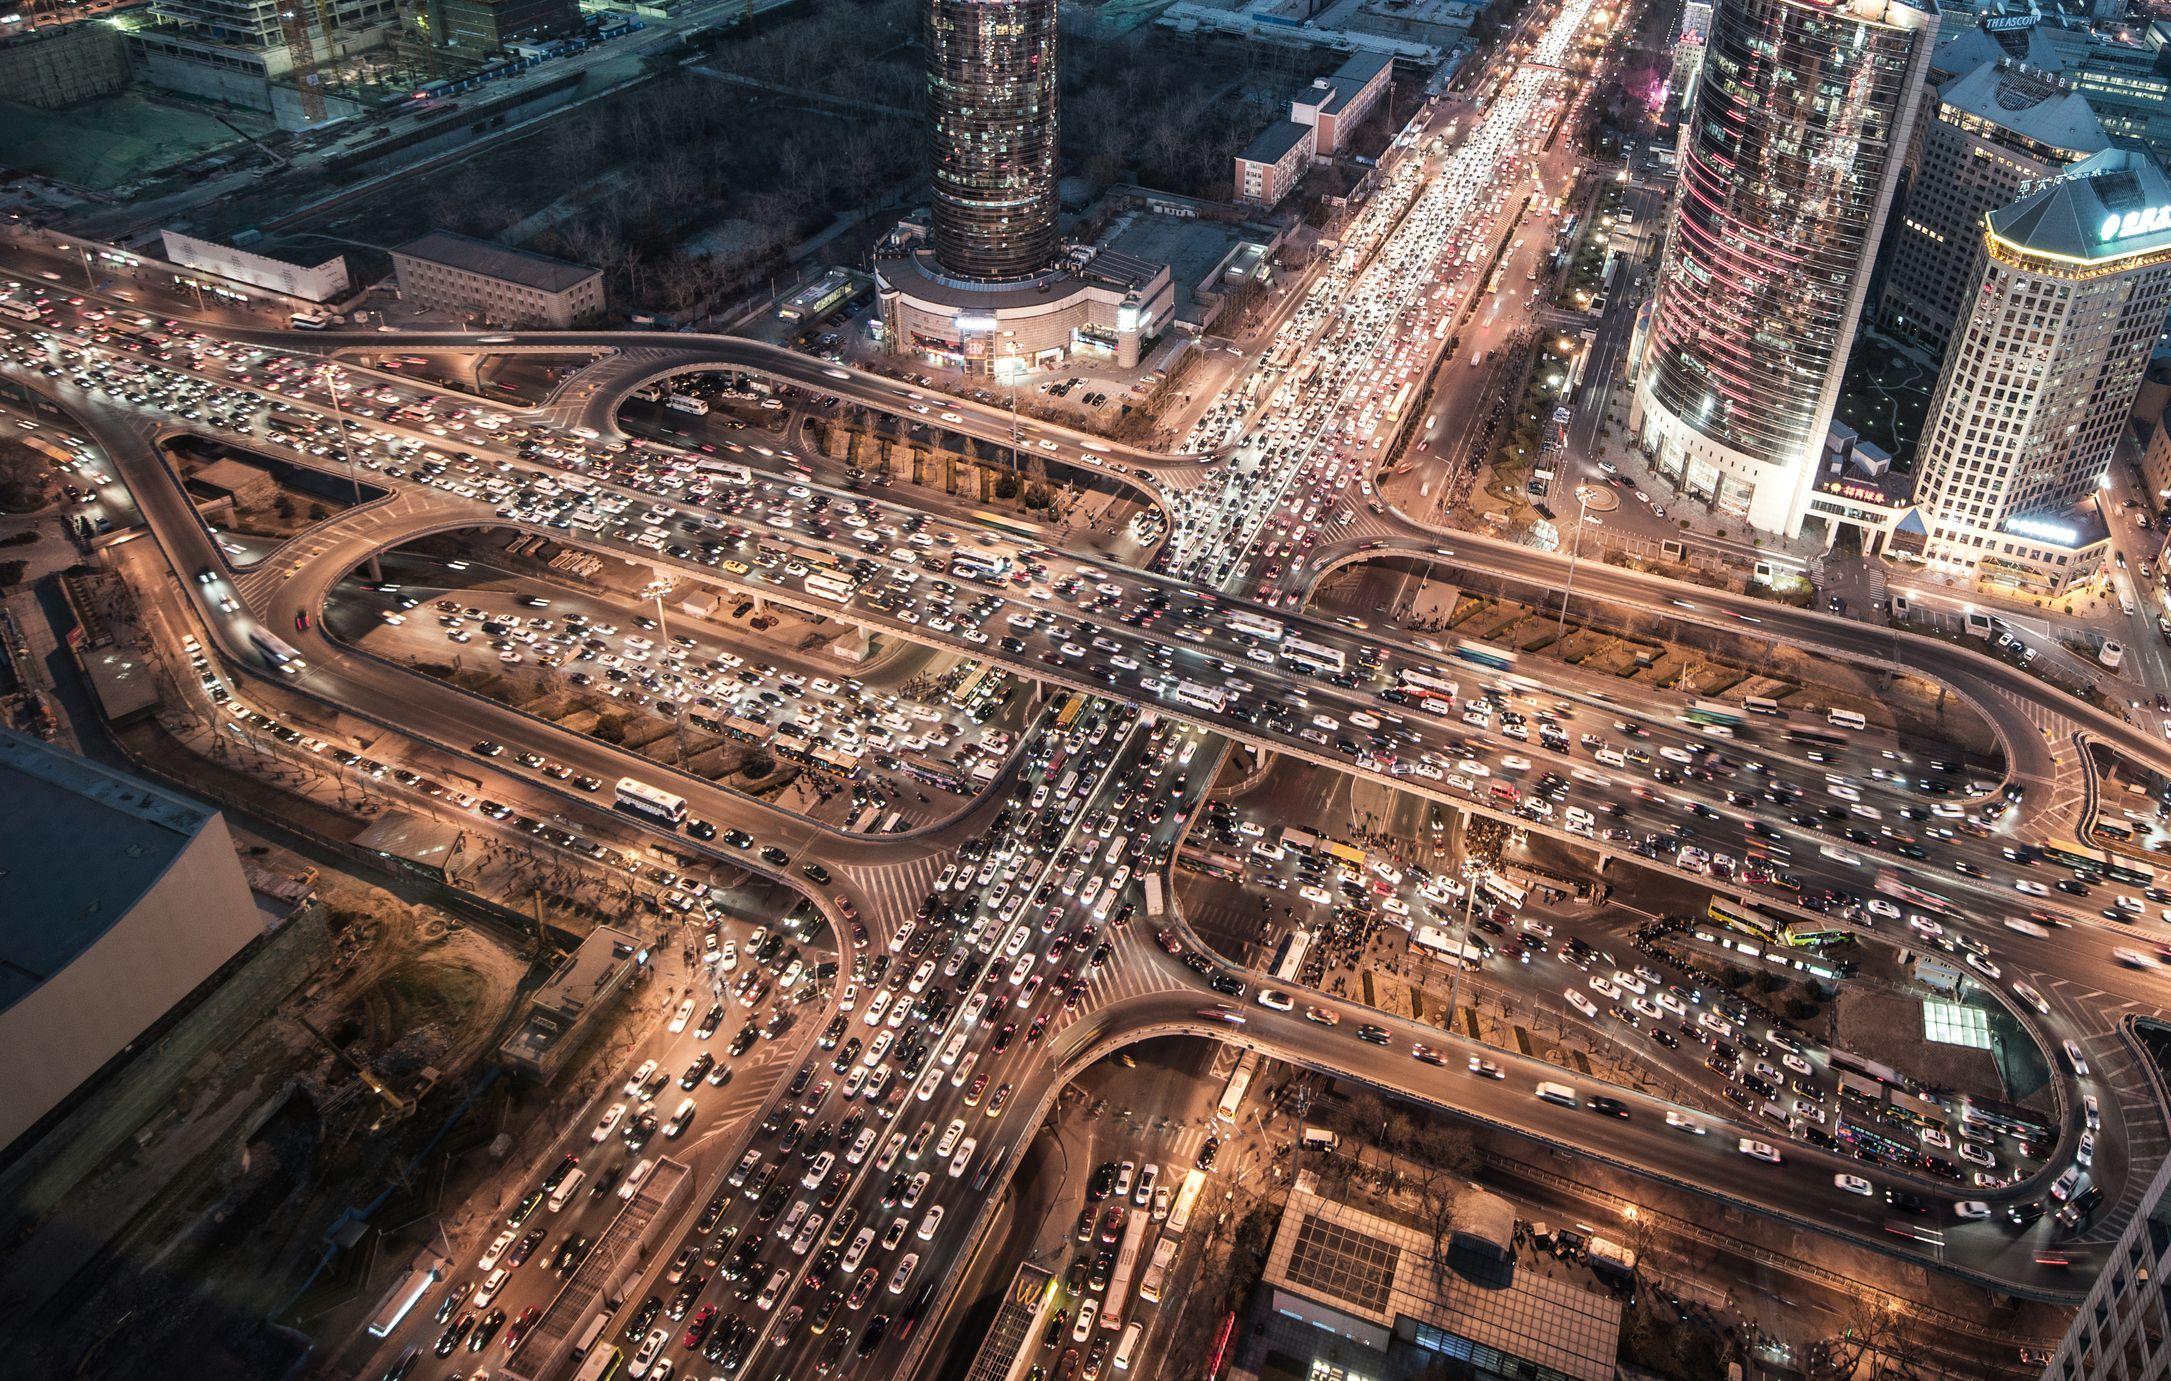 Vista aérea del embotellamiento en Beijing en la noche